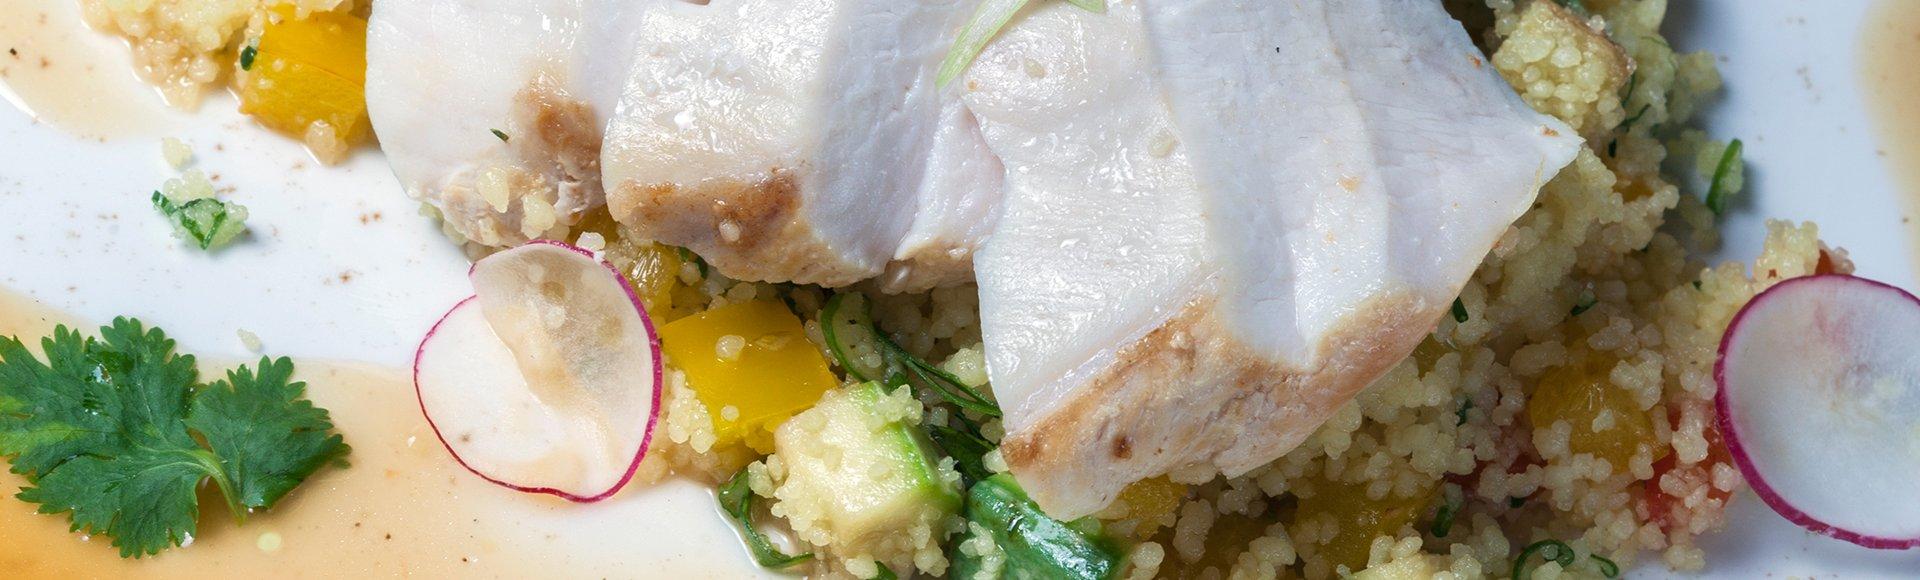 Κοτόπουλο στήθος σοτέ και κουσκούς με τζίντζερ και λαχανικά